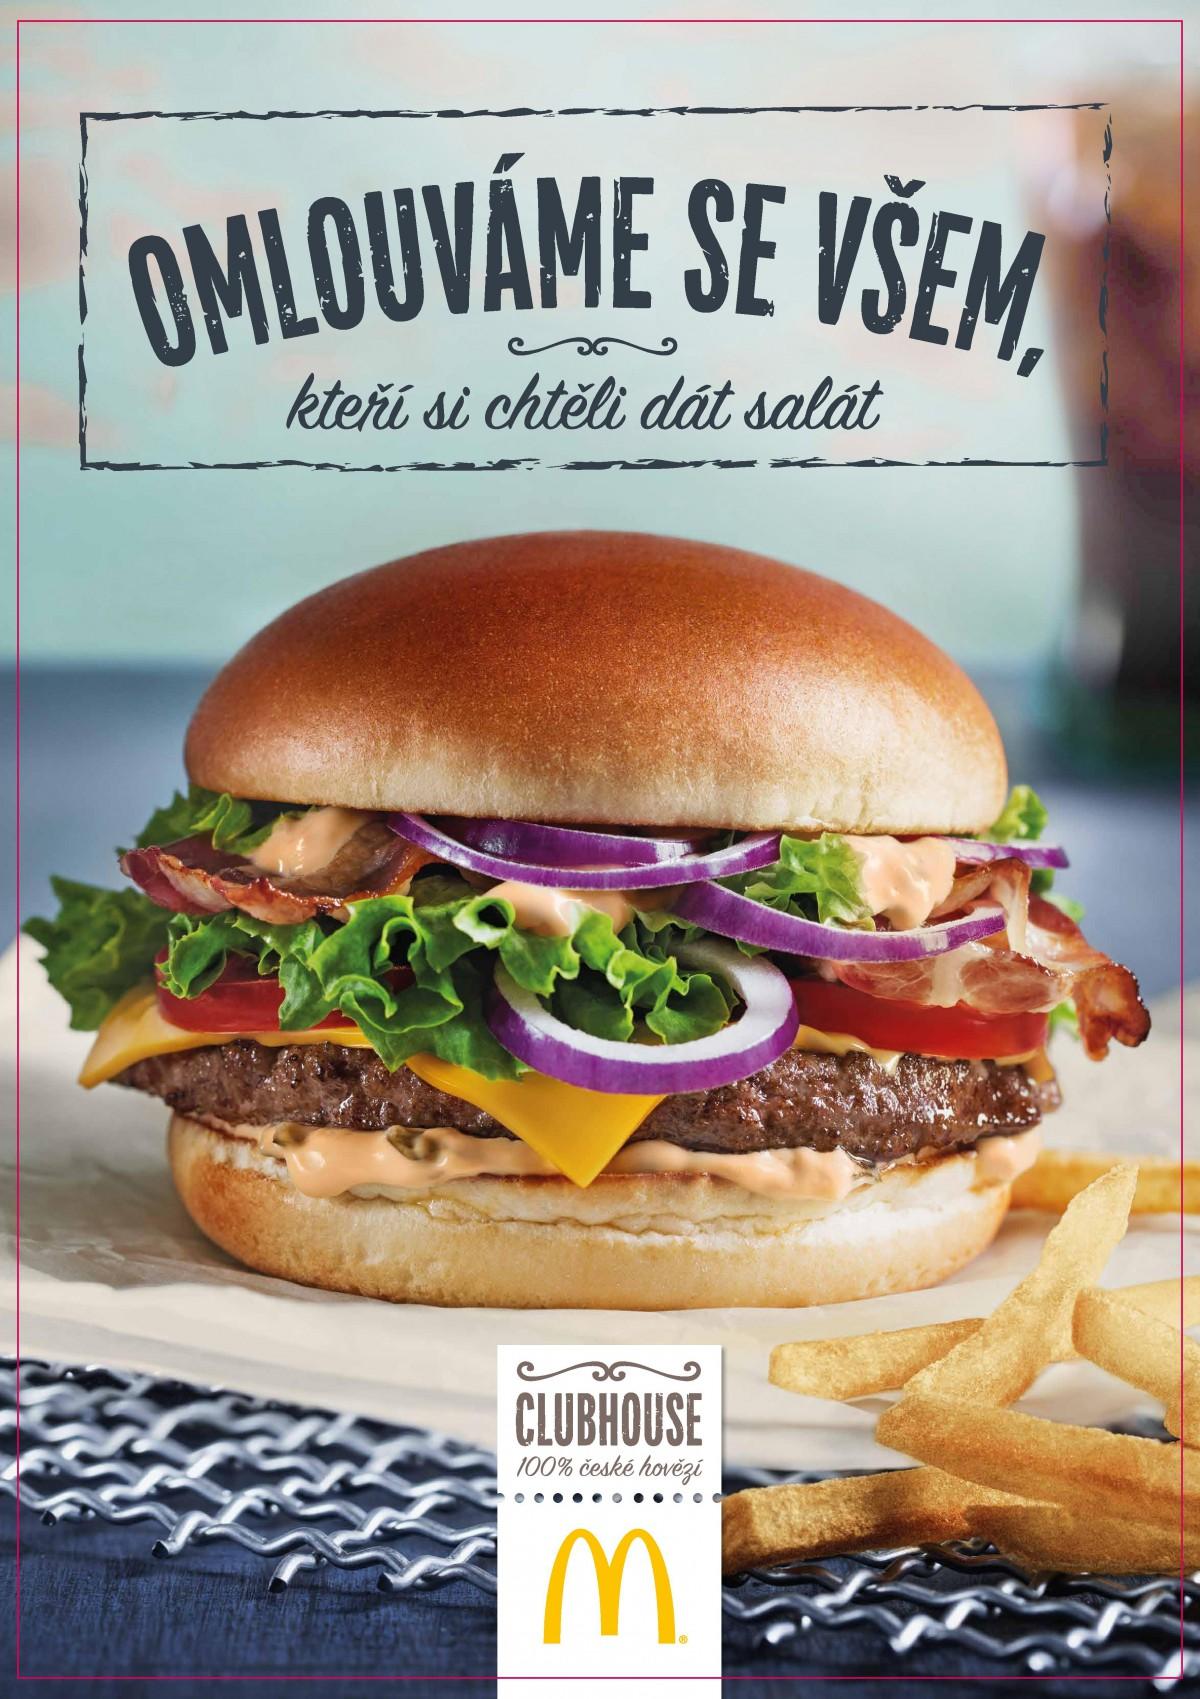 McDonald's se omlouvá těm, co si chtěli dát salát